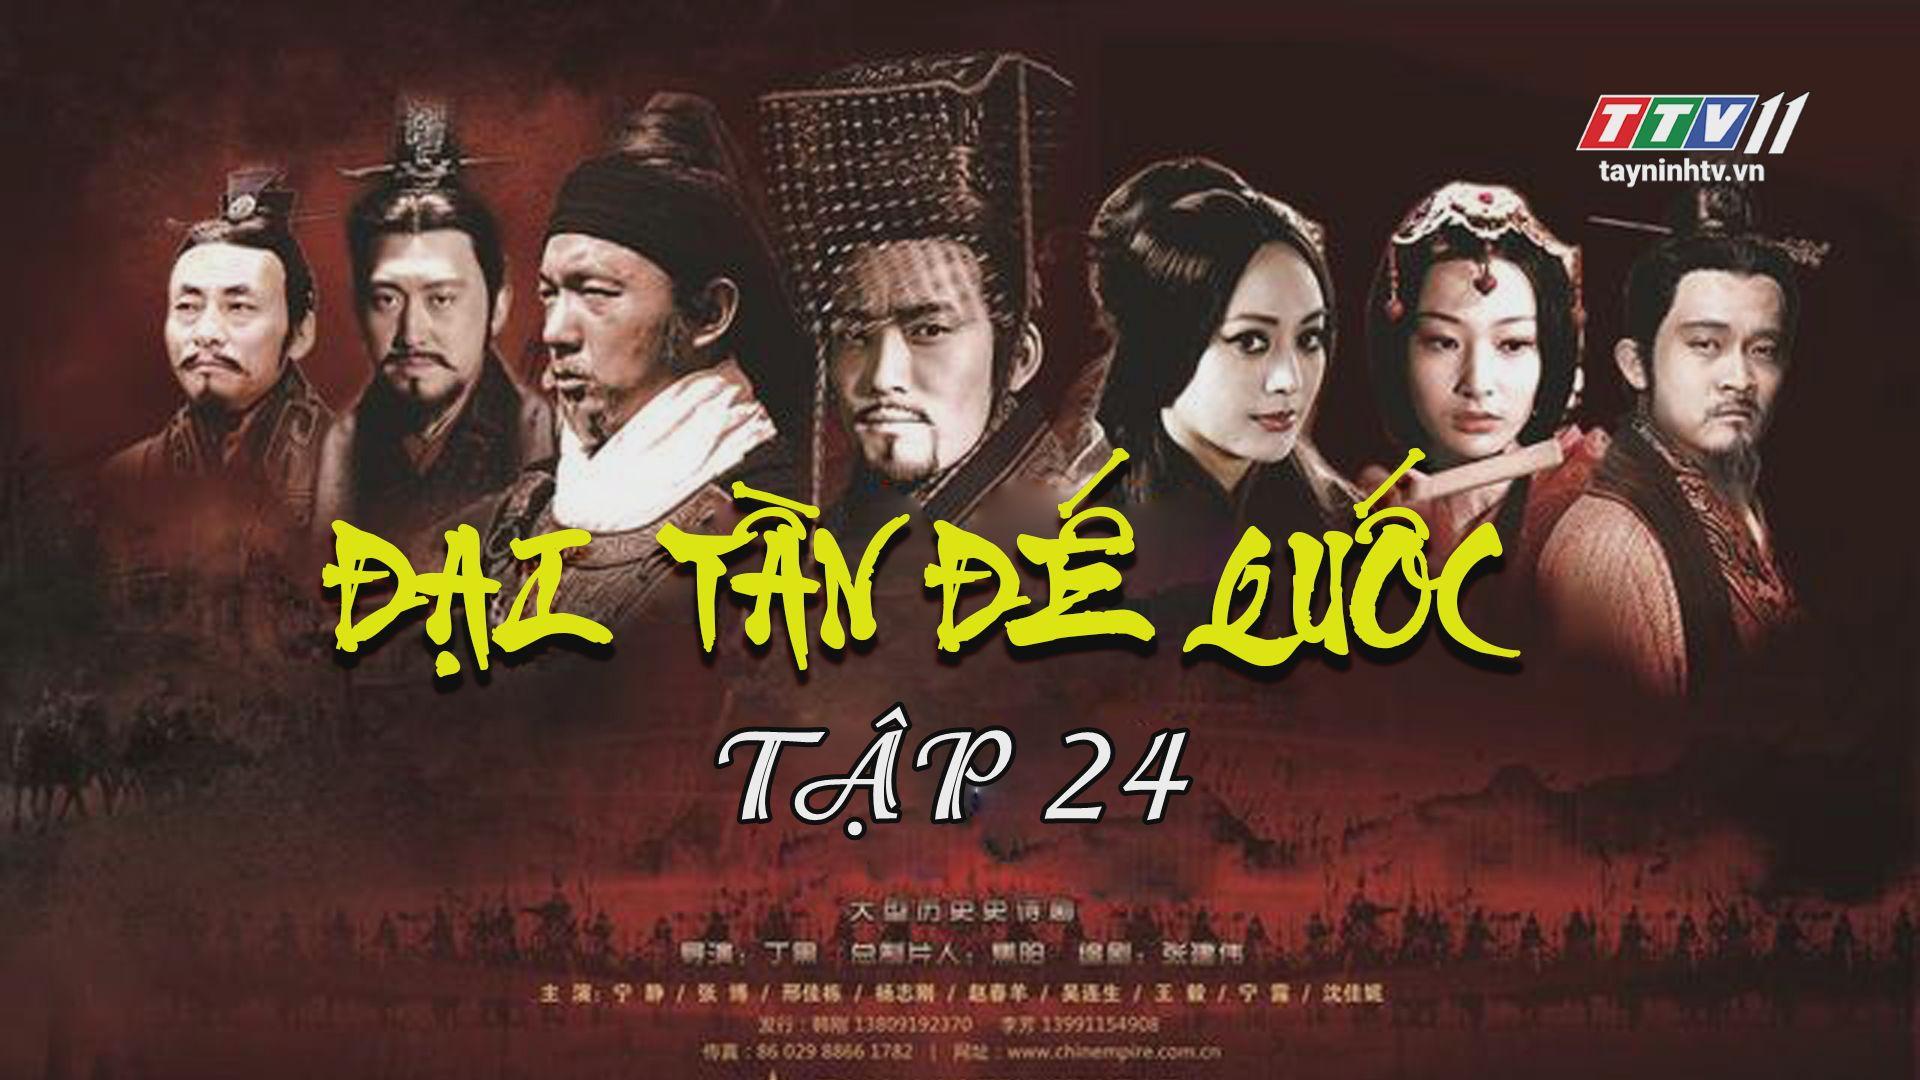 Tập 24 | ĐẠI TẦN ĐẾ QUỐC - Phần 3 - QUẬT KHỞI - FULL HD | TayNinhTV